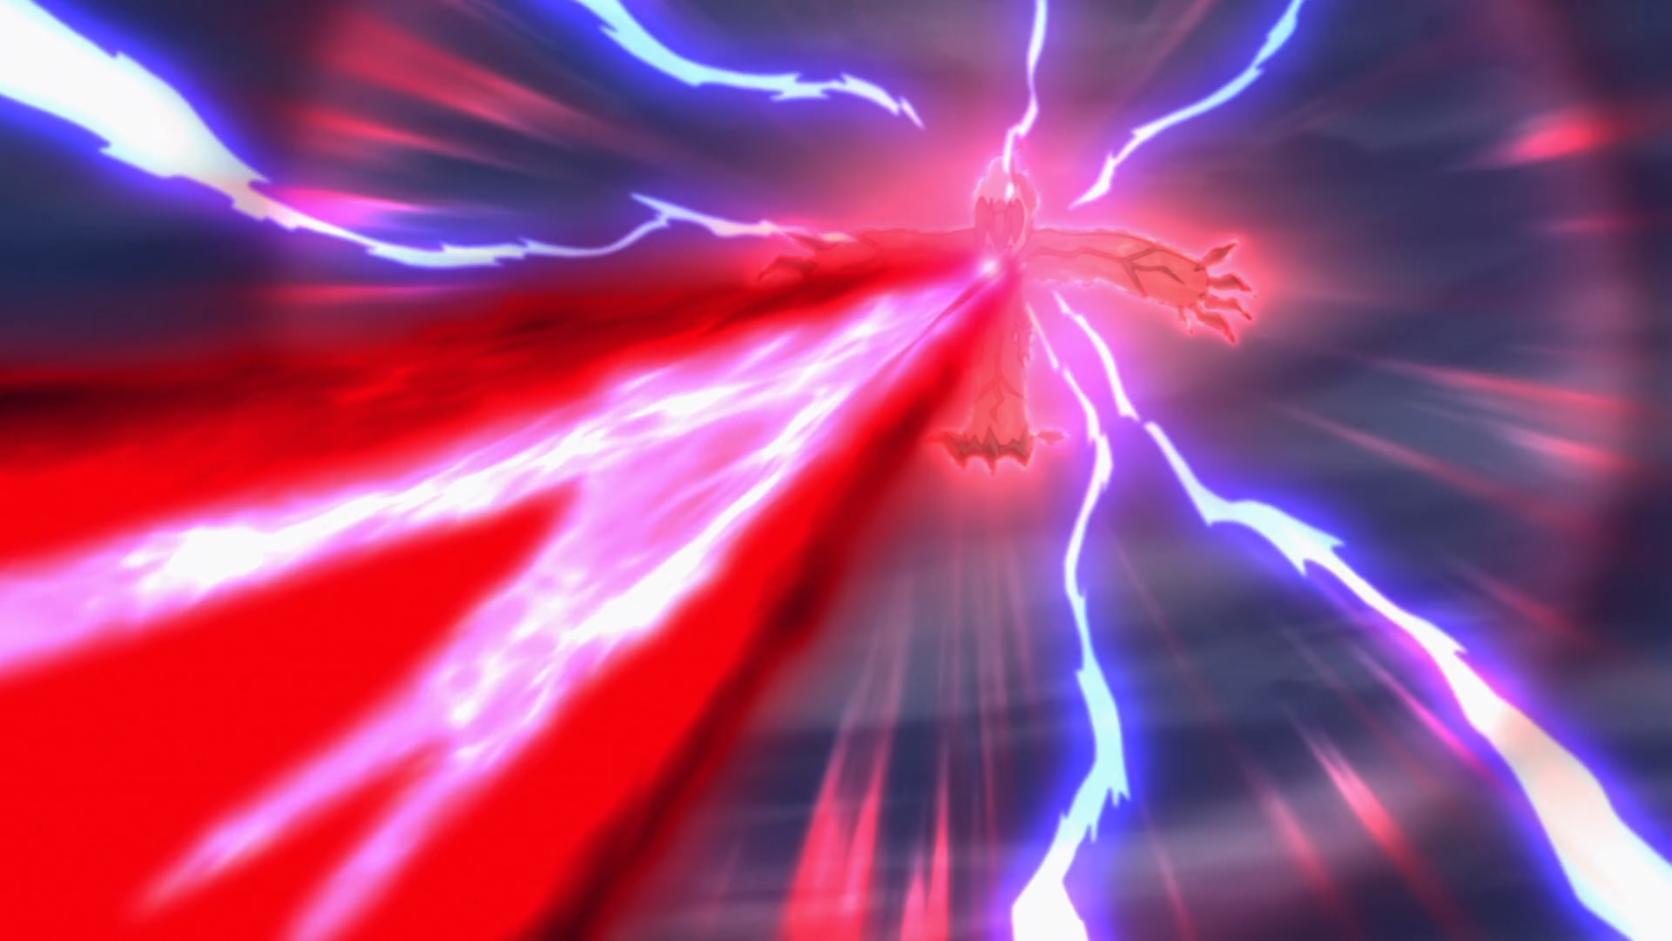 image  yveltal m17 oblivion wing  pokémon wiki